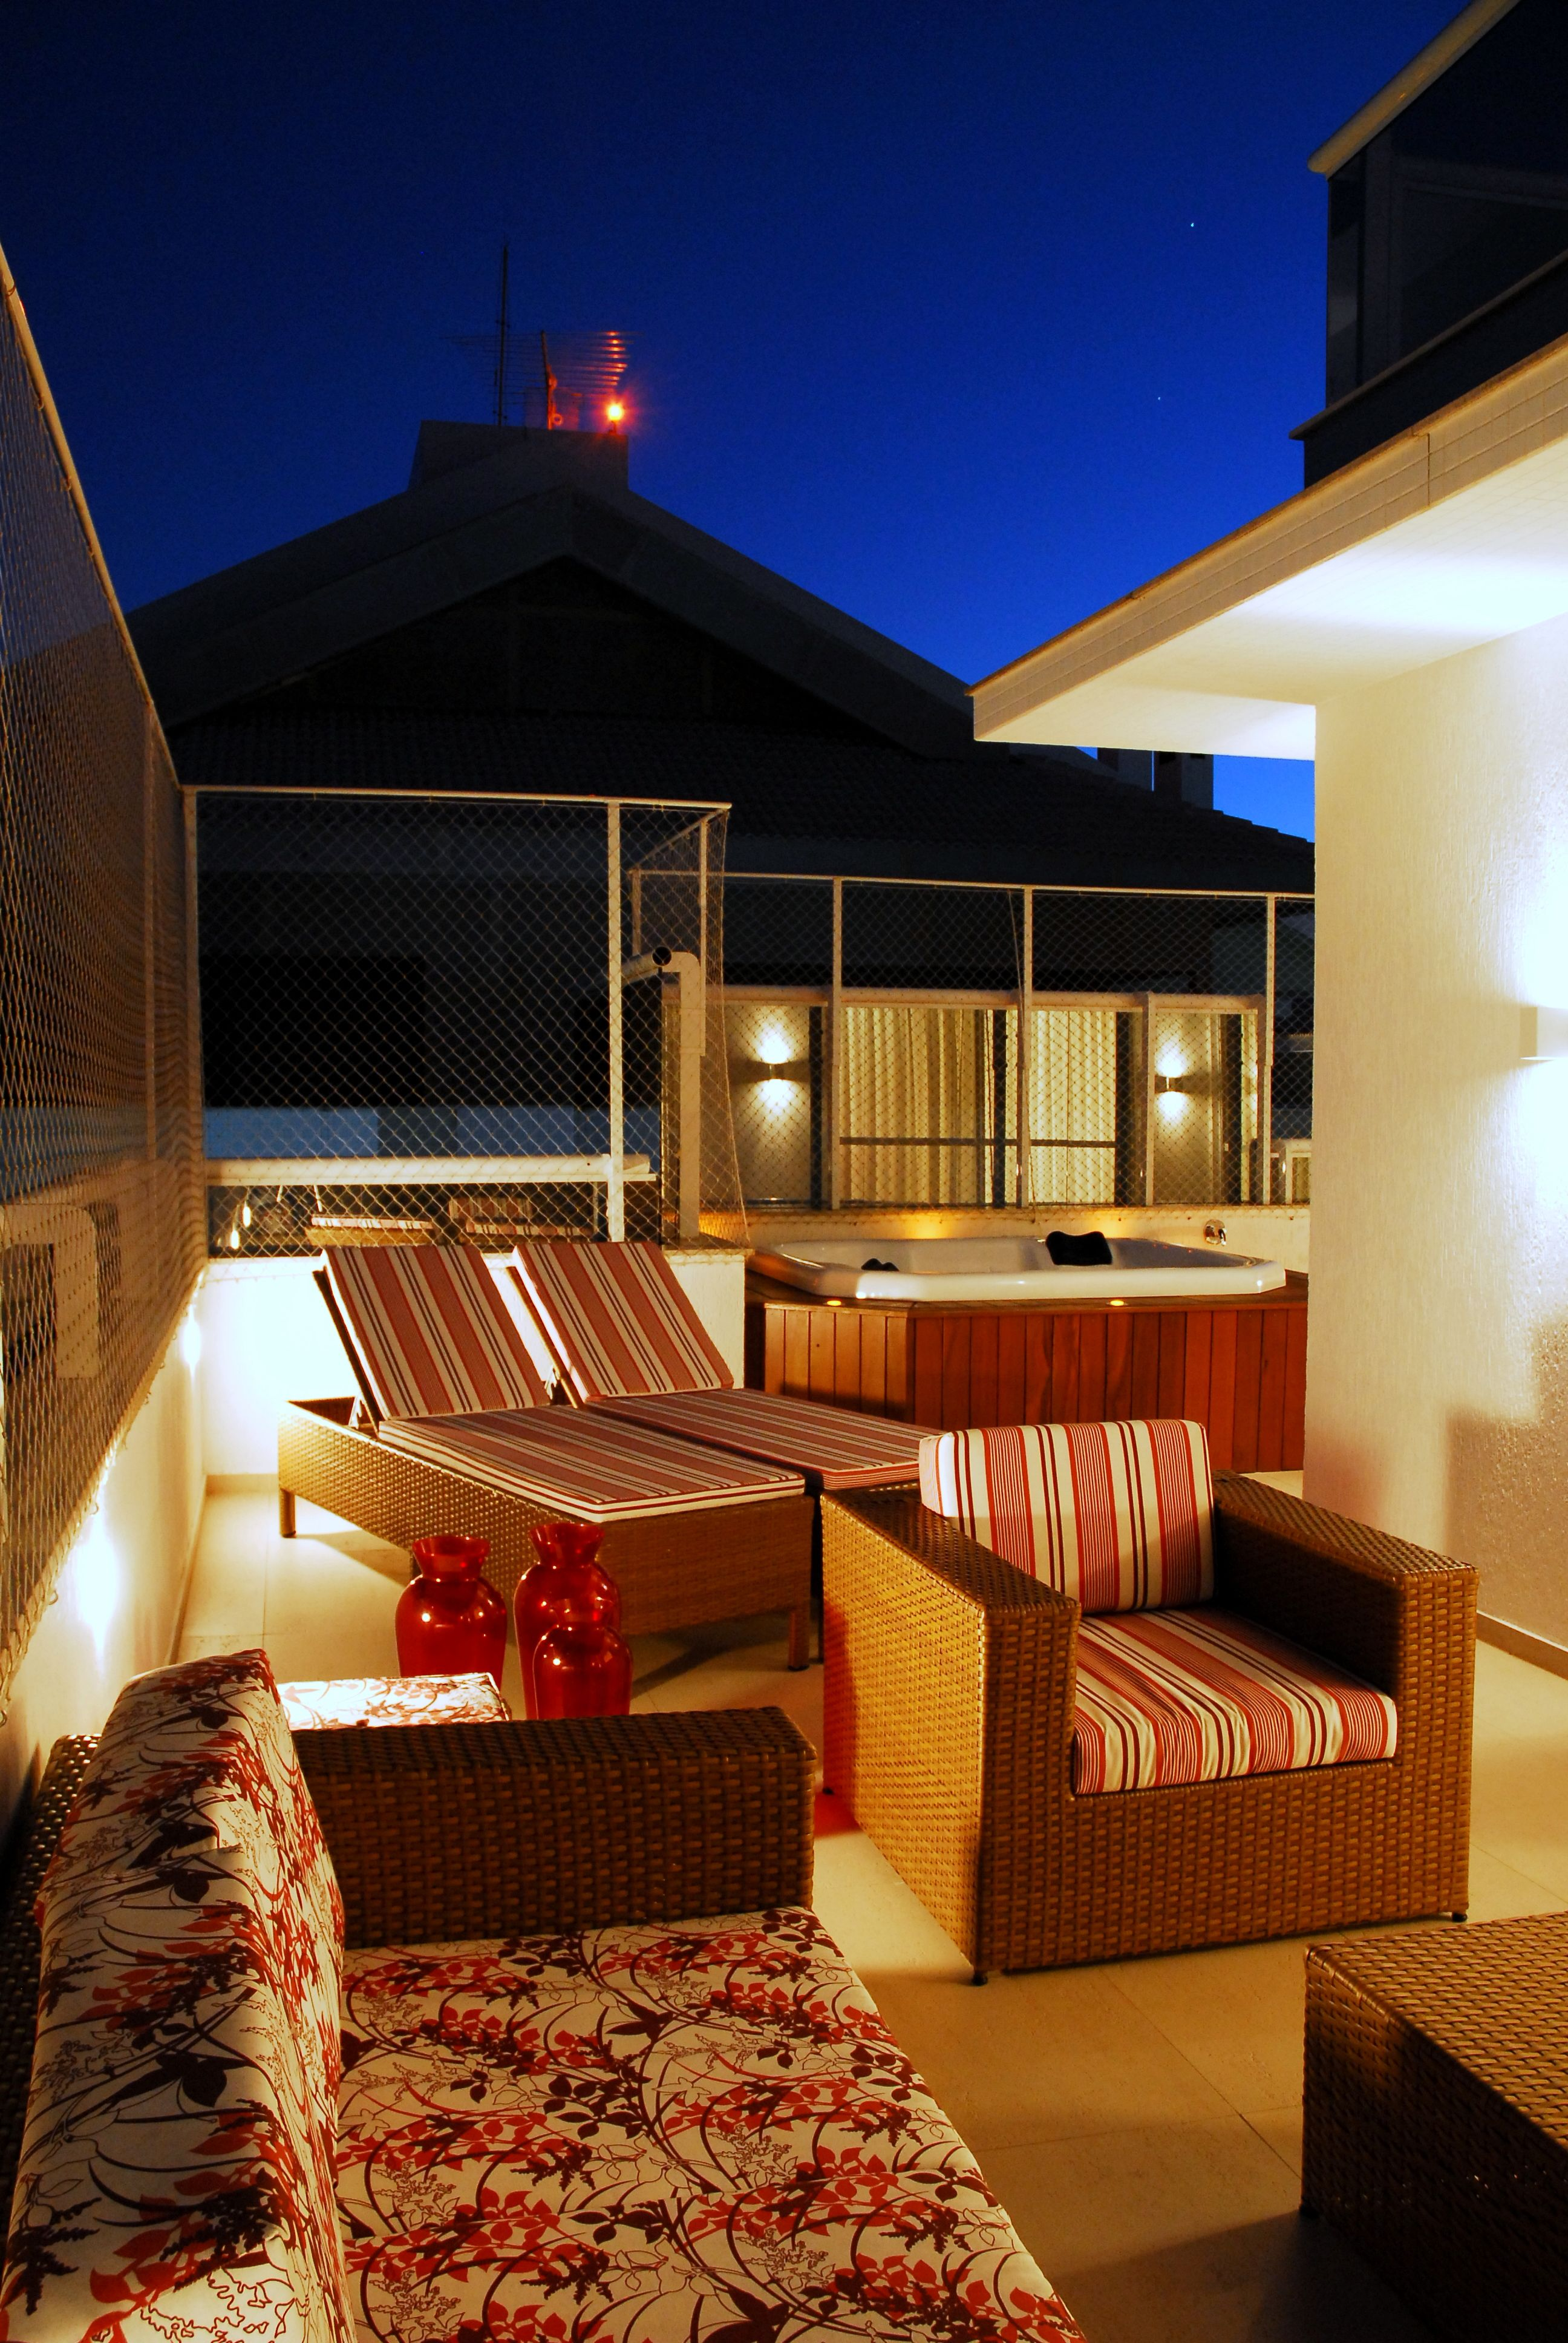 Cobertura em Jurerê Internacional, Florianópolis, SC - Mariana Pesca Arquitetura